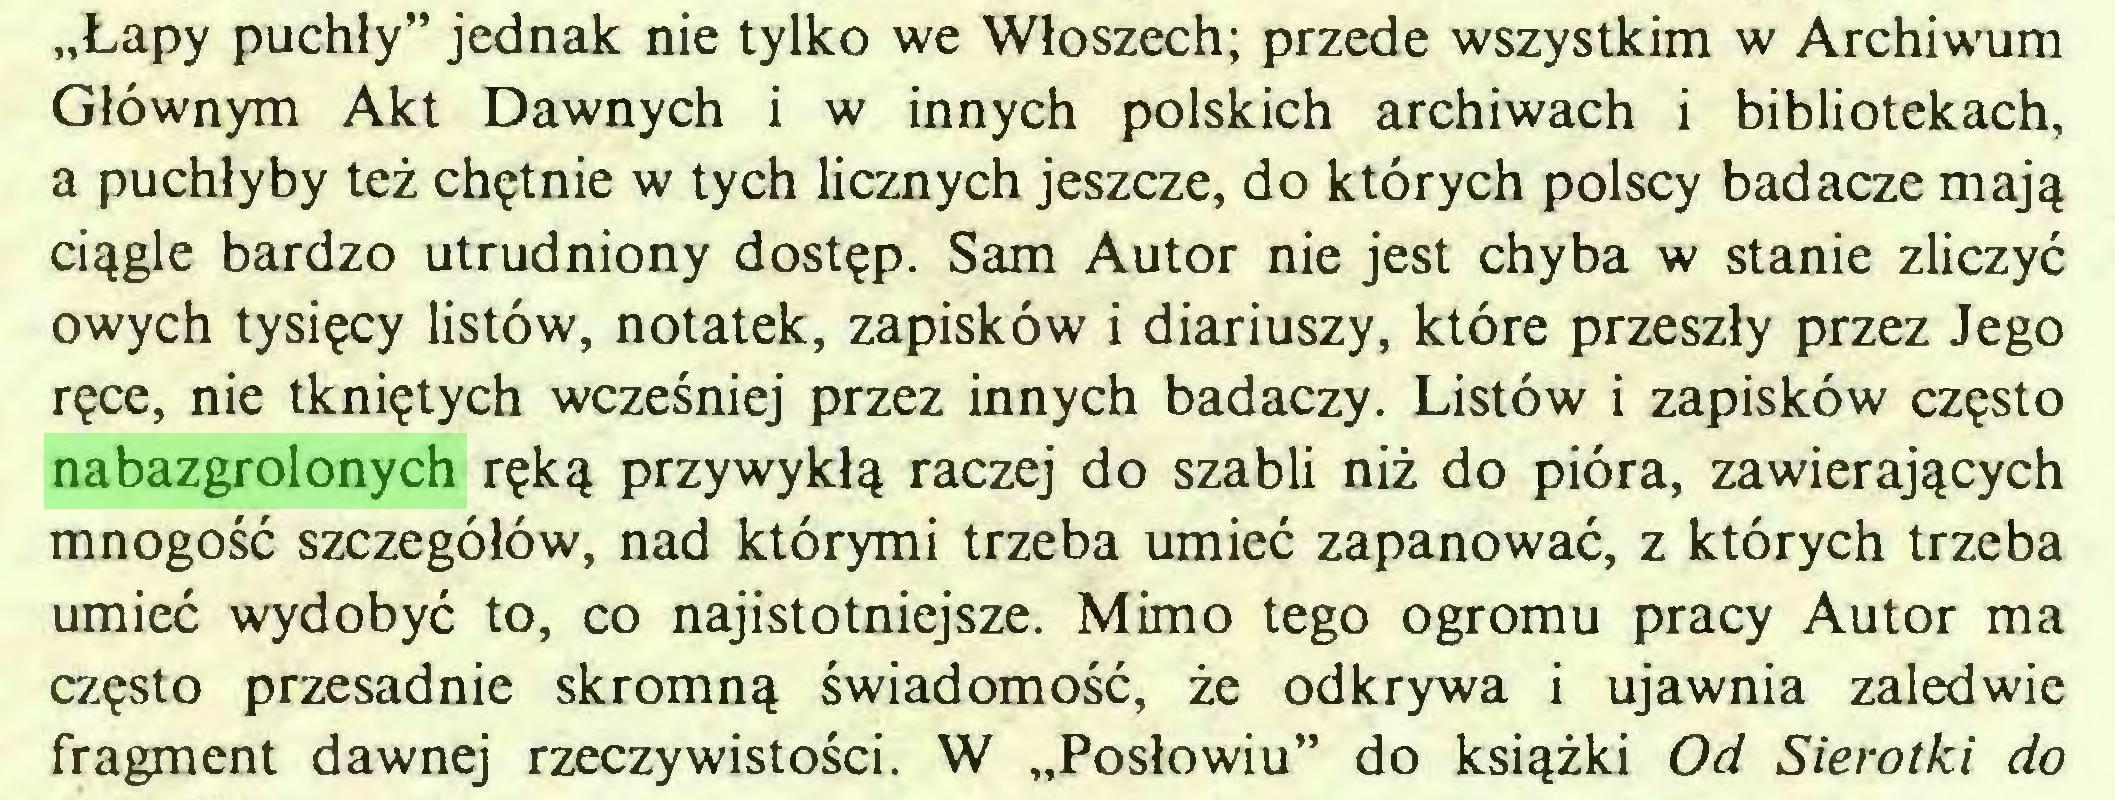 """(...) """"Łapy puchły"""" jednak nie tylko we Włoszech; przede wszystkim w Archiwum Głównym Akt Dawnych i w innych polskich archiwach i bibliotekach, a puchłyby też chętnie w tych licznych jeszcze, do których polscy badacze mają ciągle bardzo utrudniony dostęp. Sam Autor nie jest chyba w stanie zliczyć owych tysięcy listów, notatek, zapisków i diariuszy, które przeszły przez Jego ręce, nie tkniętych wcześniej przez innych badaczy. Listów i zapisków często nabazgrolonych ręką przywykłą raczej do szabli niż do pióra, zawierających mnogość szczegółów, nad którymi trzeba umieć zapanować, z których trzeba umieć wydobyć to, co najistotniejsze. Mimo tego ogromu pracy Autor ma często przesadnie skromną świadomość, że odkrywa i ujawnia zaledwie fragment dawnej rzeczywistości. W """"Posłowiu"""" do książki Od Sierotki do..."""